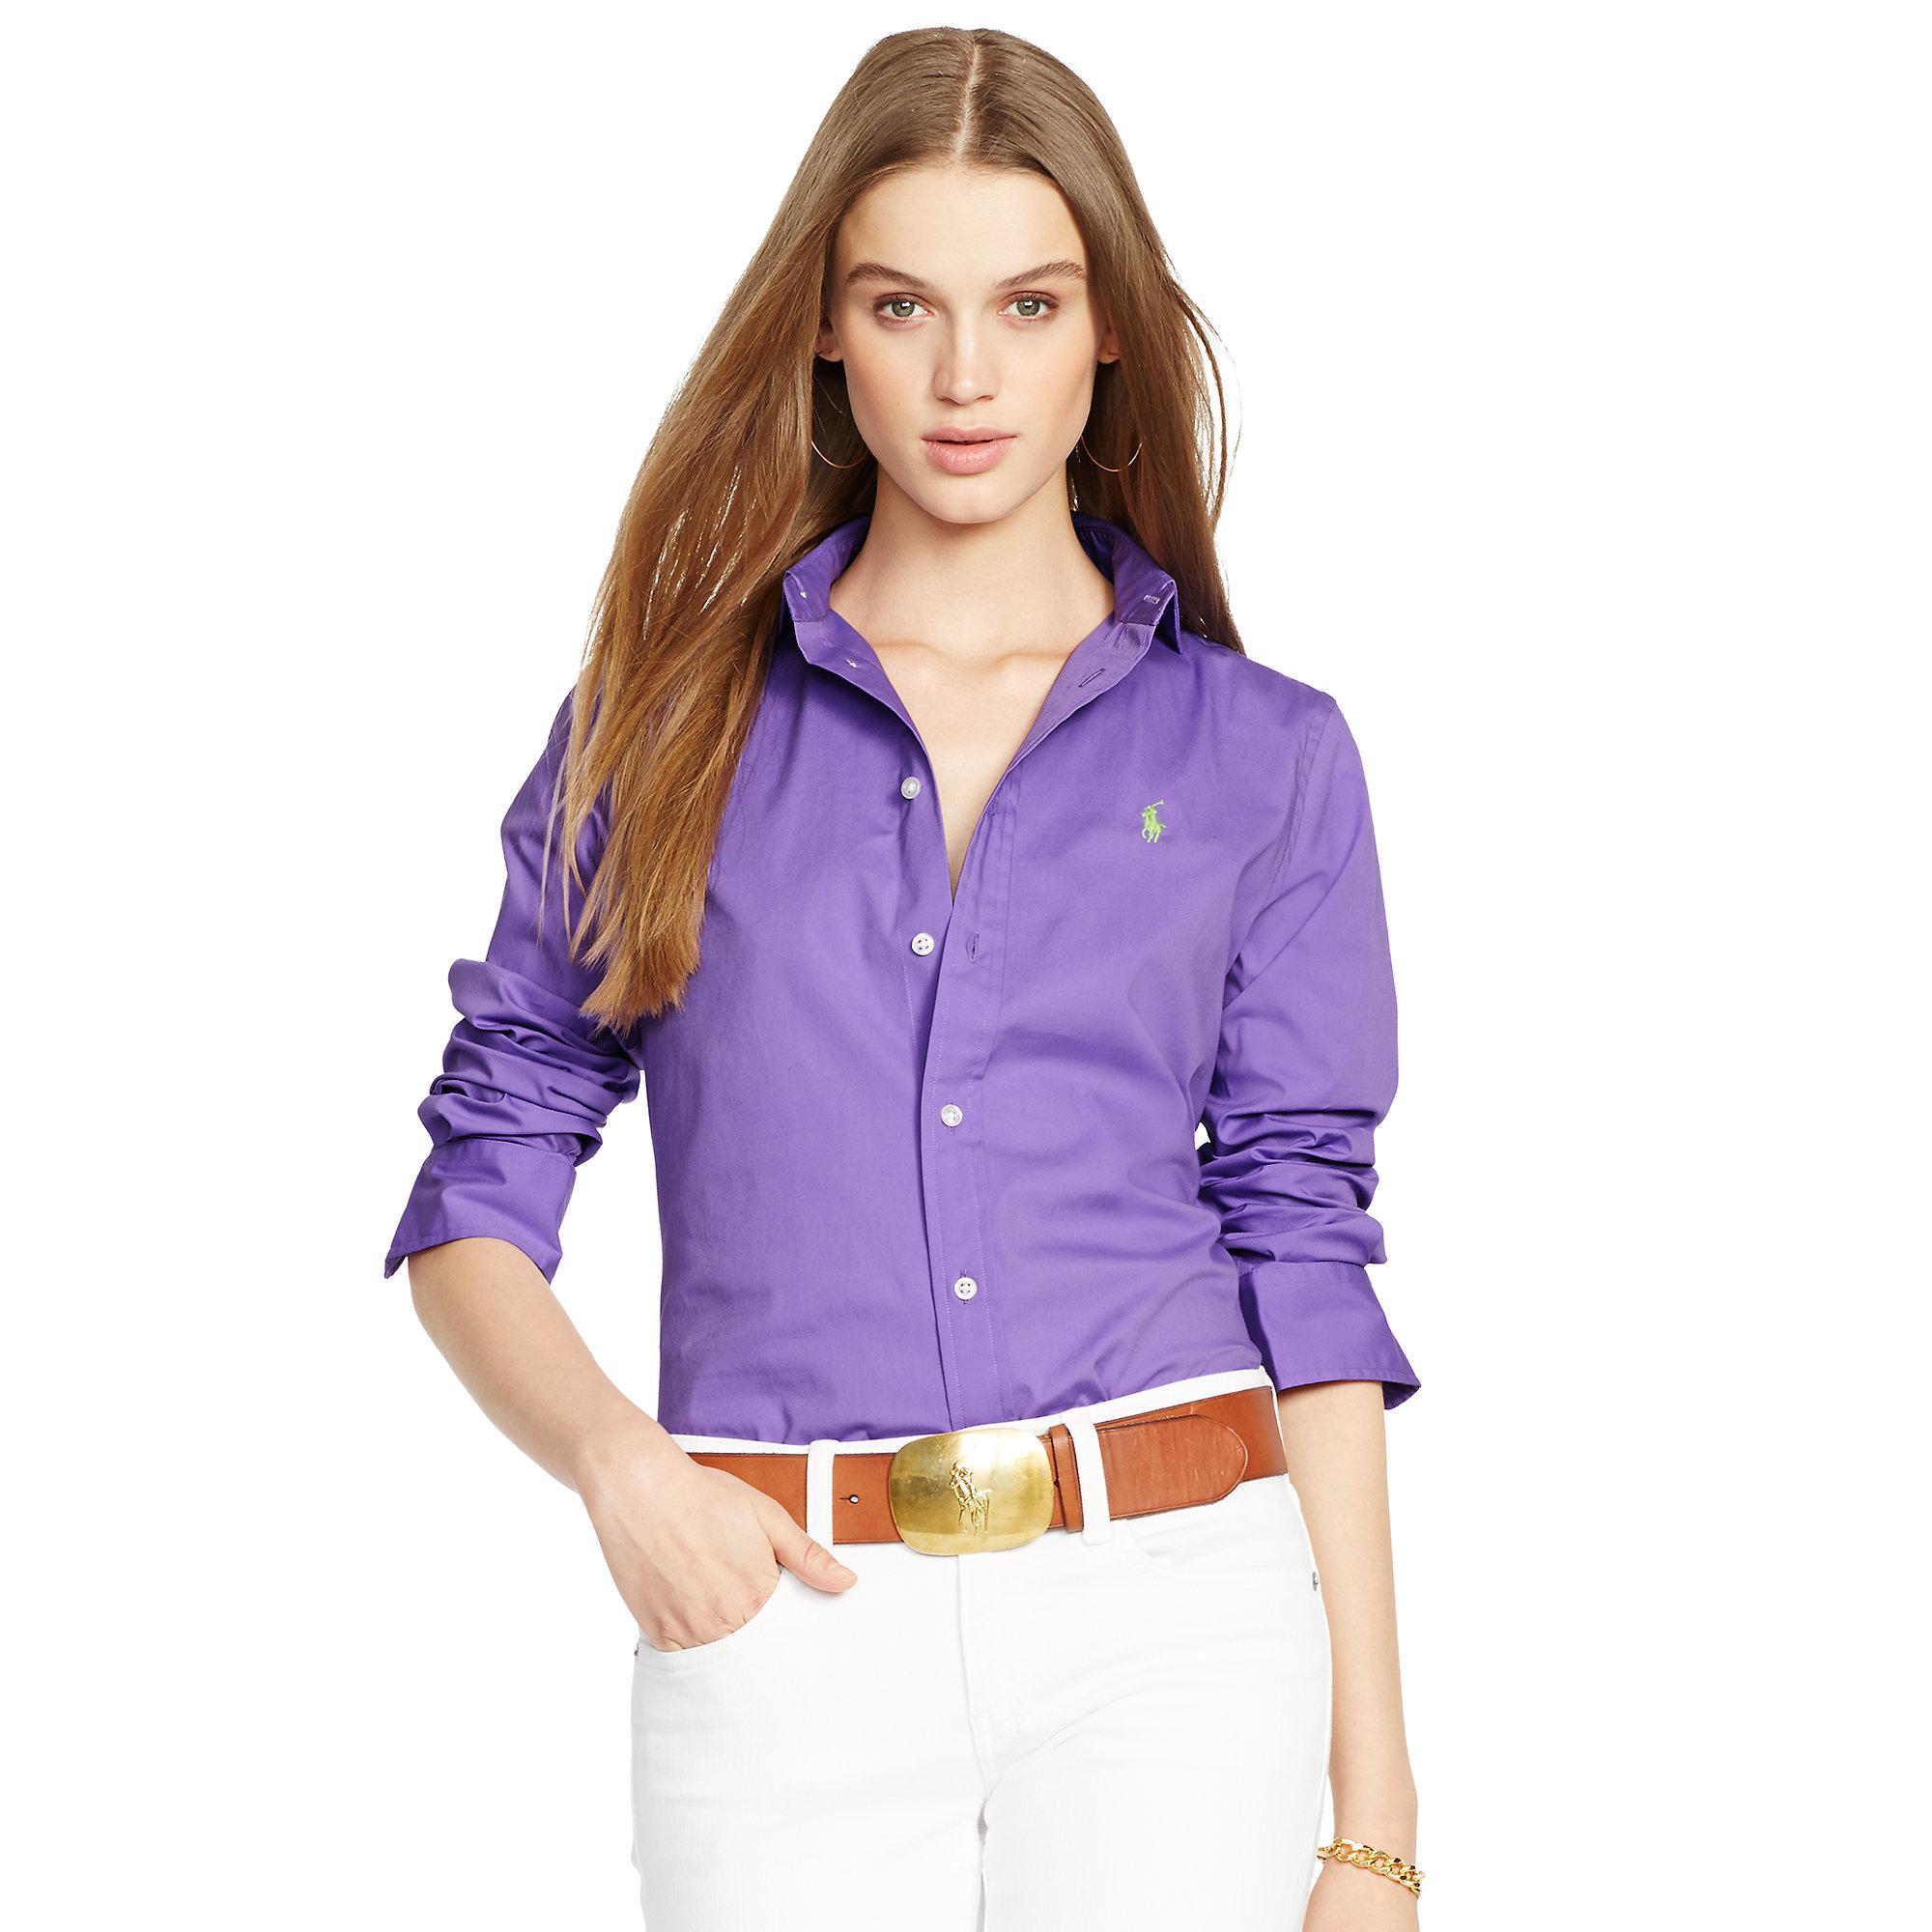 Lyst - Polo Ralph Lauren Slim-Fit Poplin Shirt in Purple 887ccf479